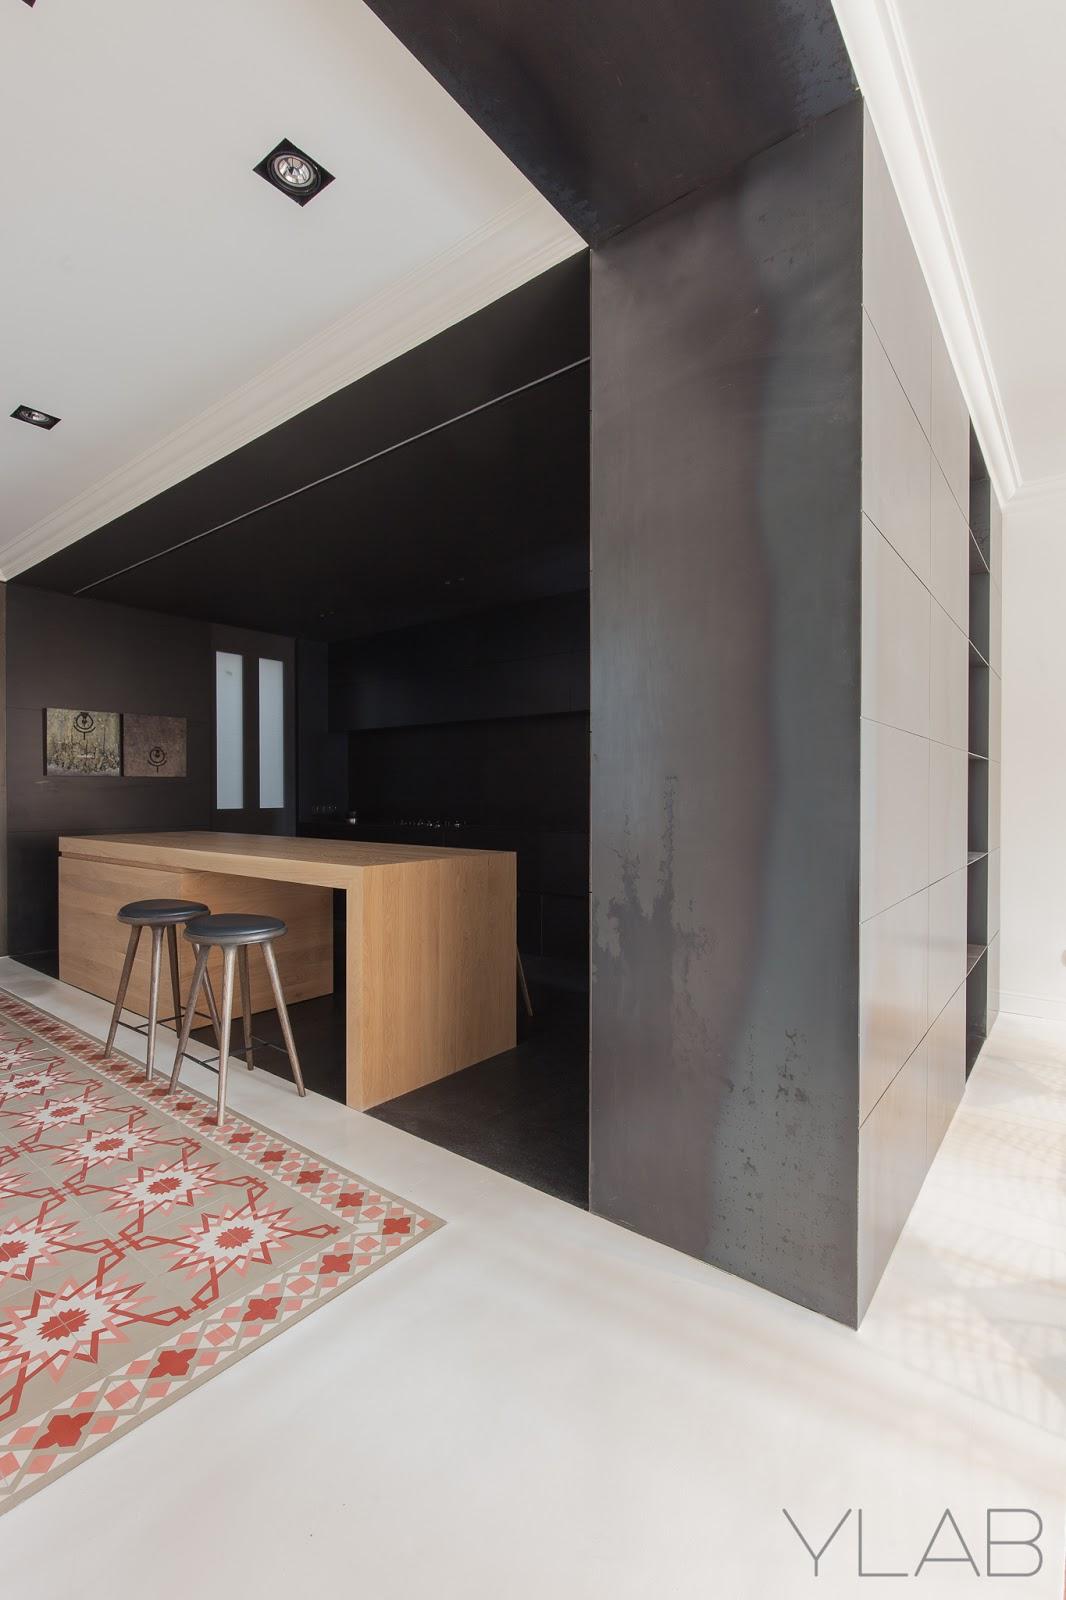 Apartamento en la avenida diagonal de barcelona ylab for Diseno interiores barcelona